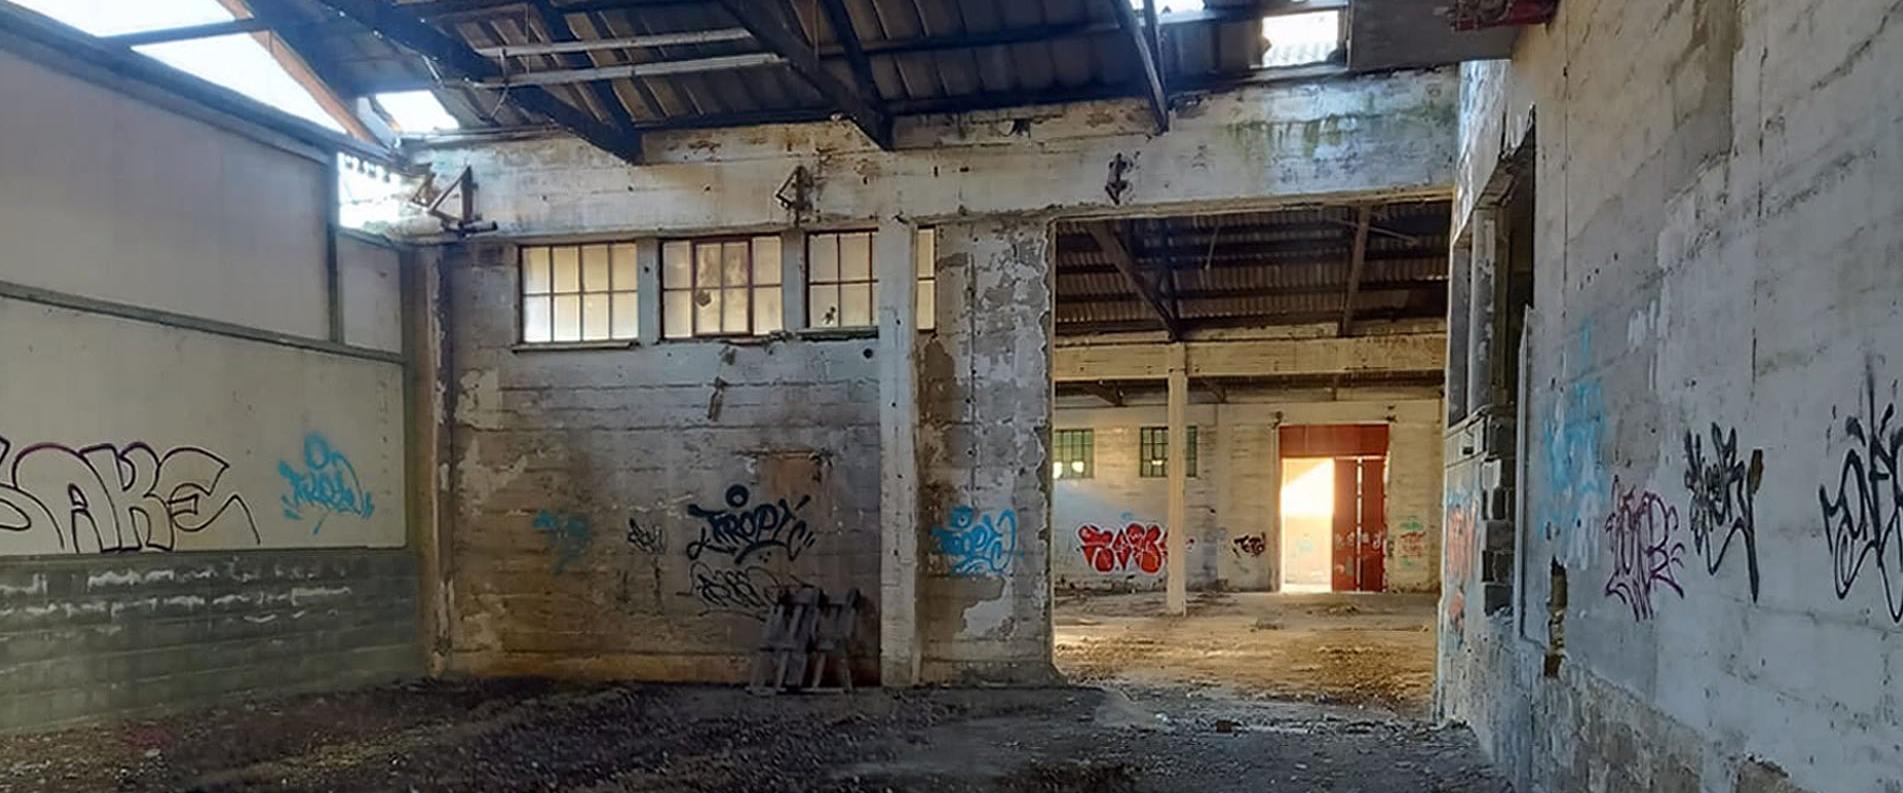 Заброшенный винзавод в центре Лимассола